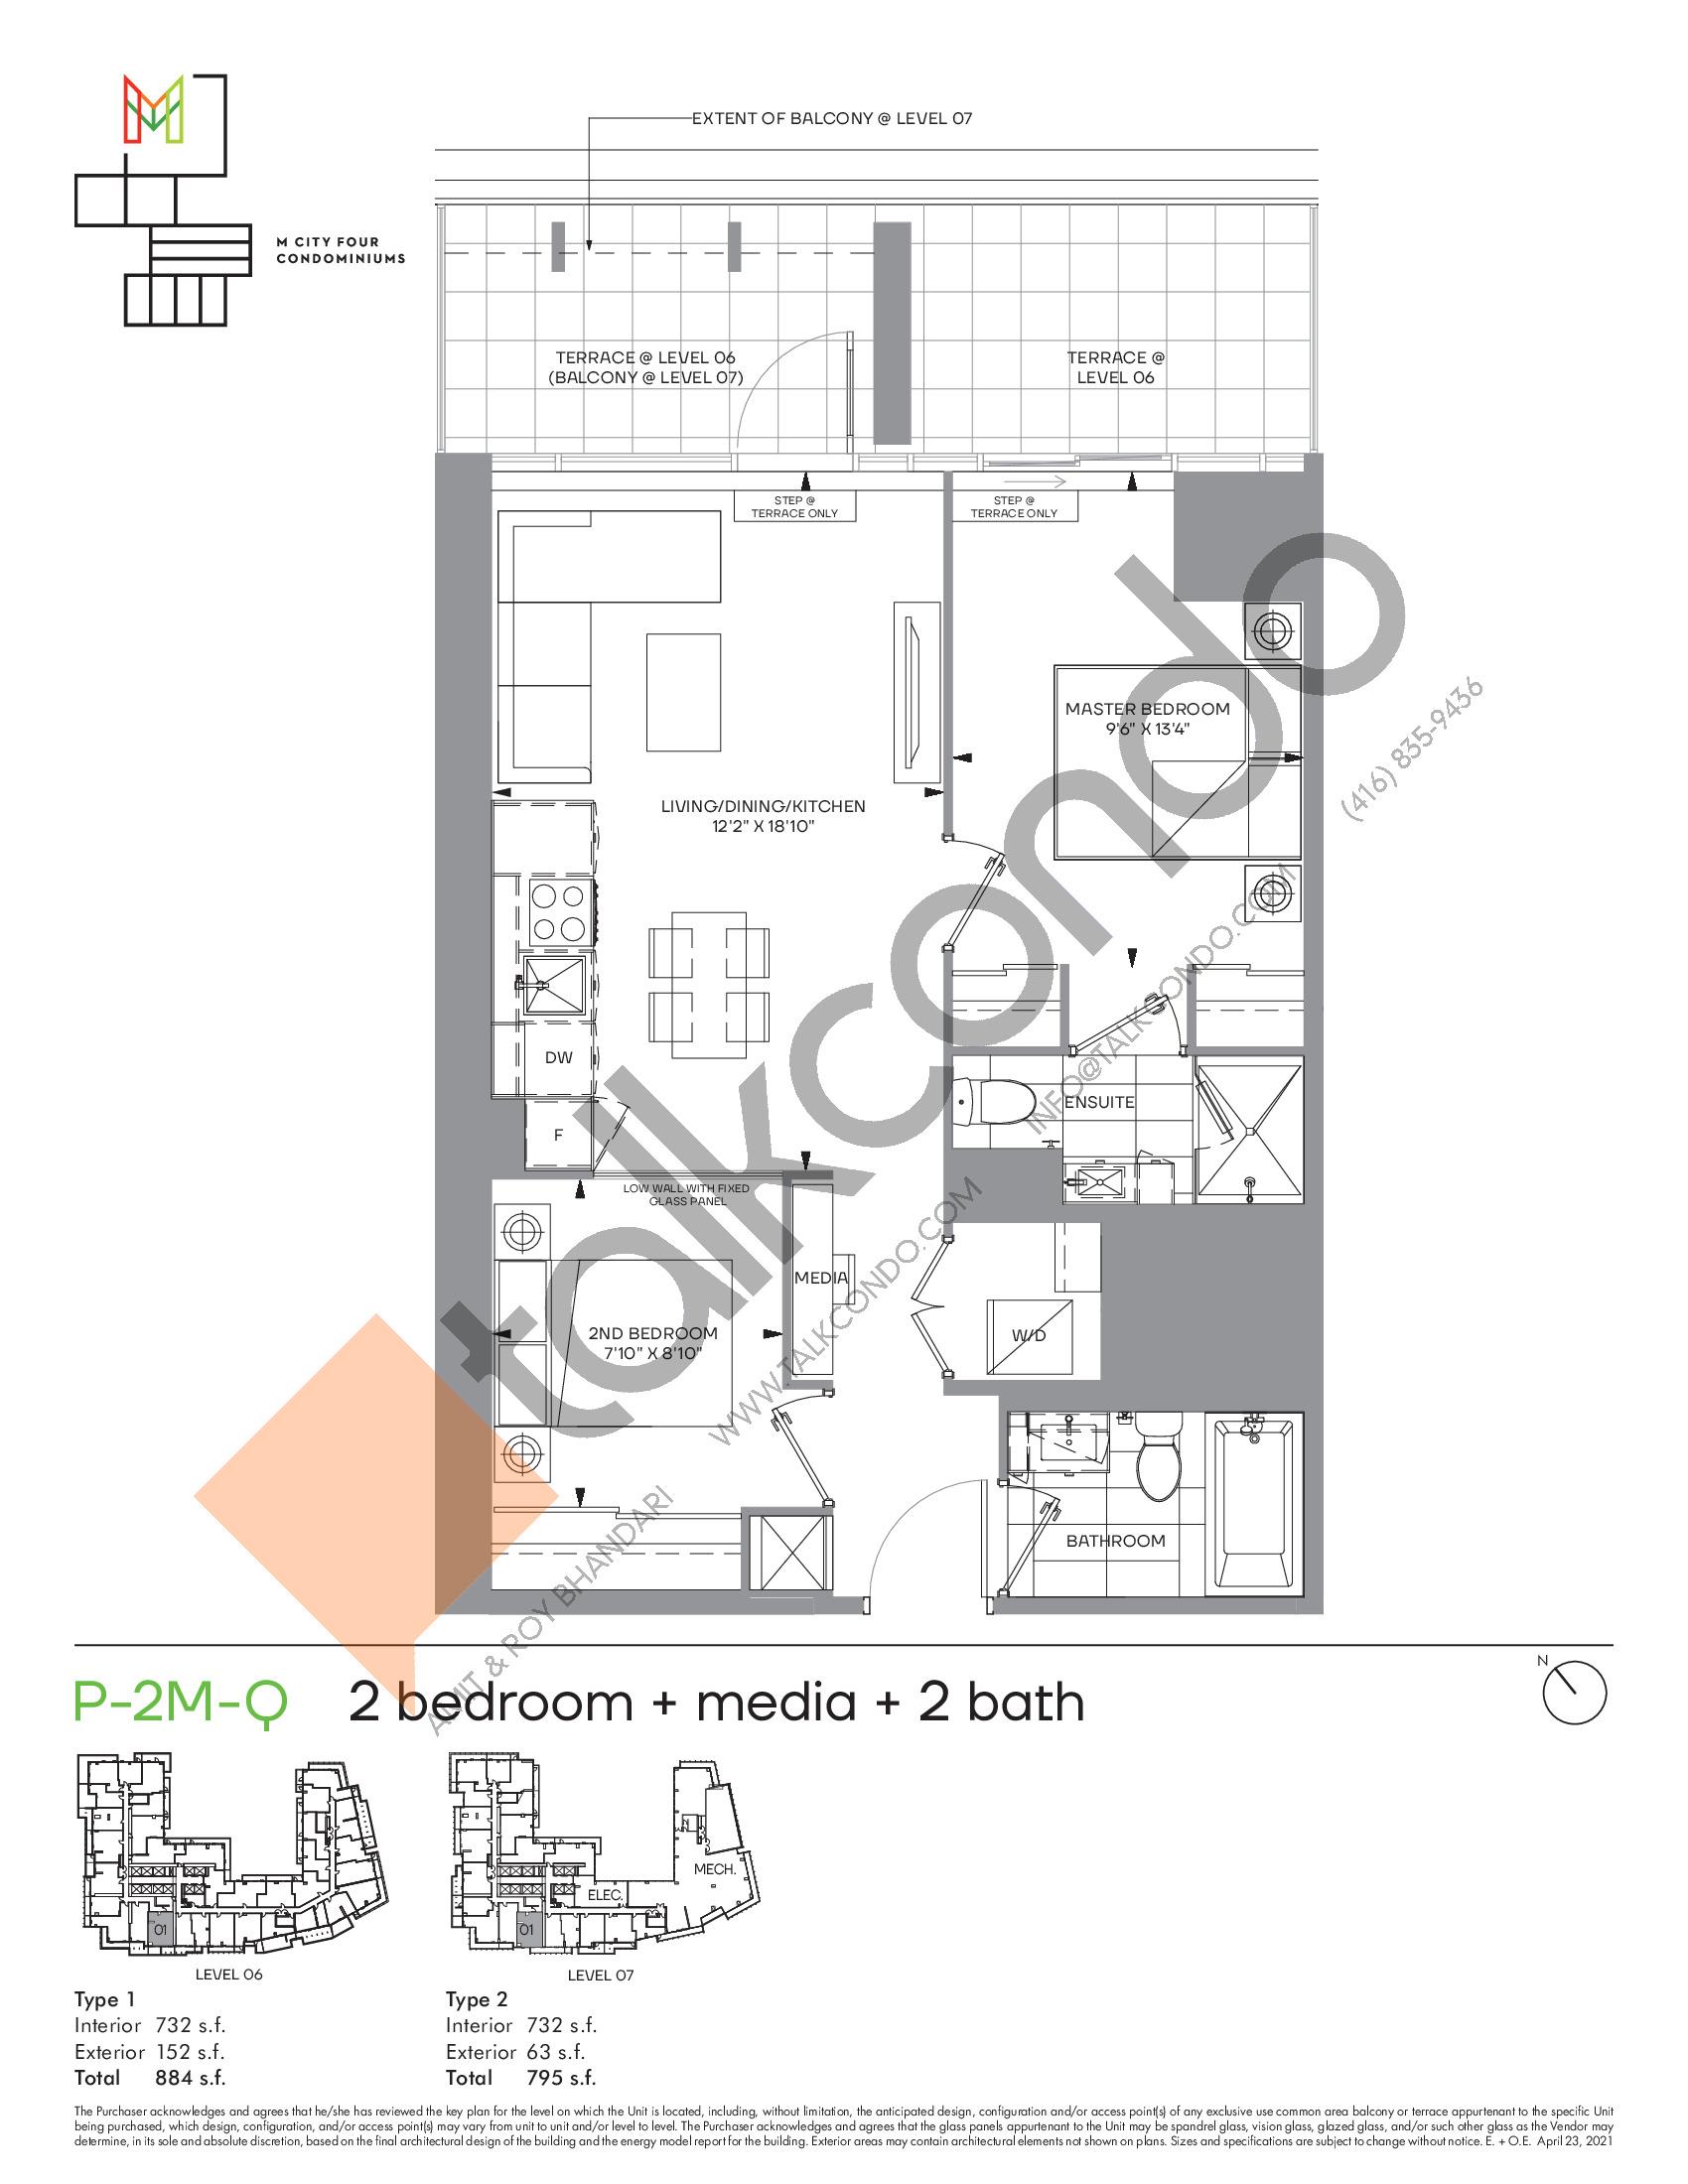 P-2M-Q (Podium) Floor Plan at M4 Condos - 732 sq.ft